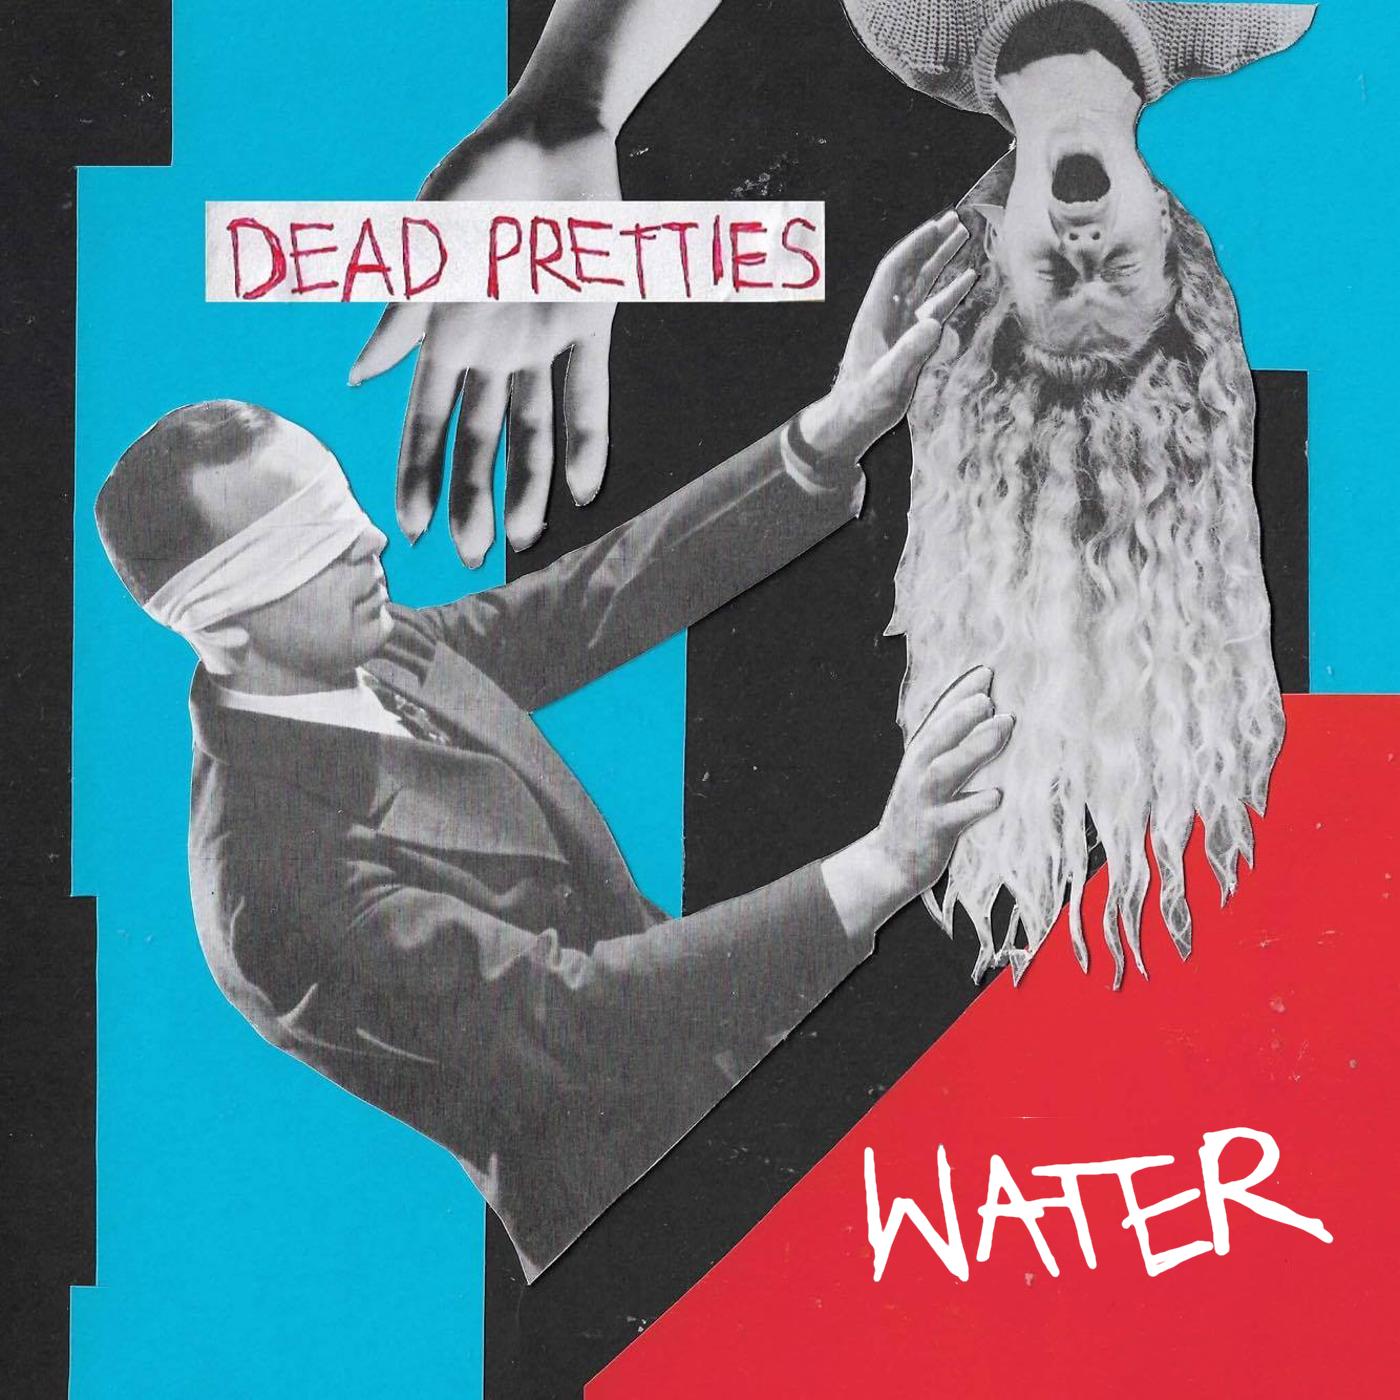 BSR005 - DEAD PRETTIES - WATER